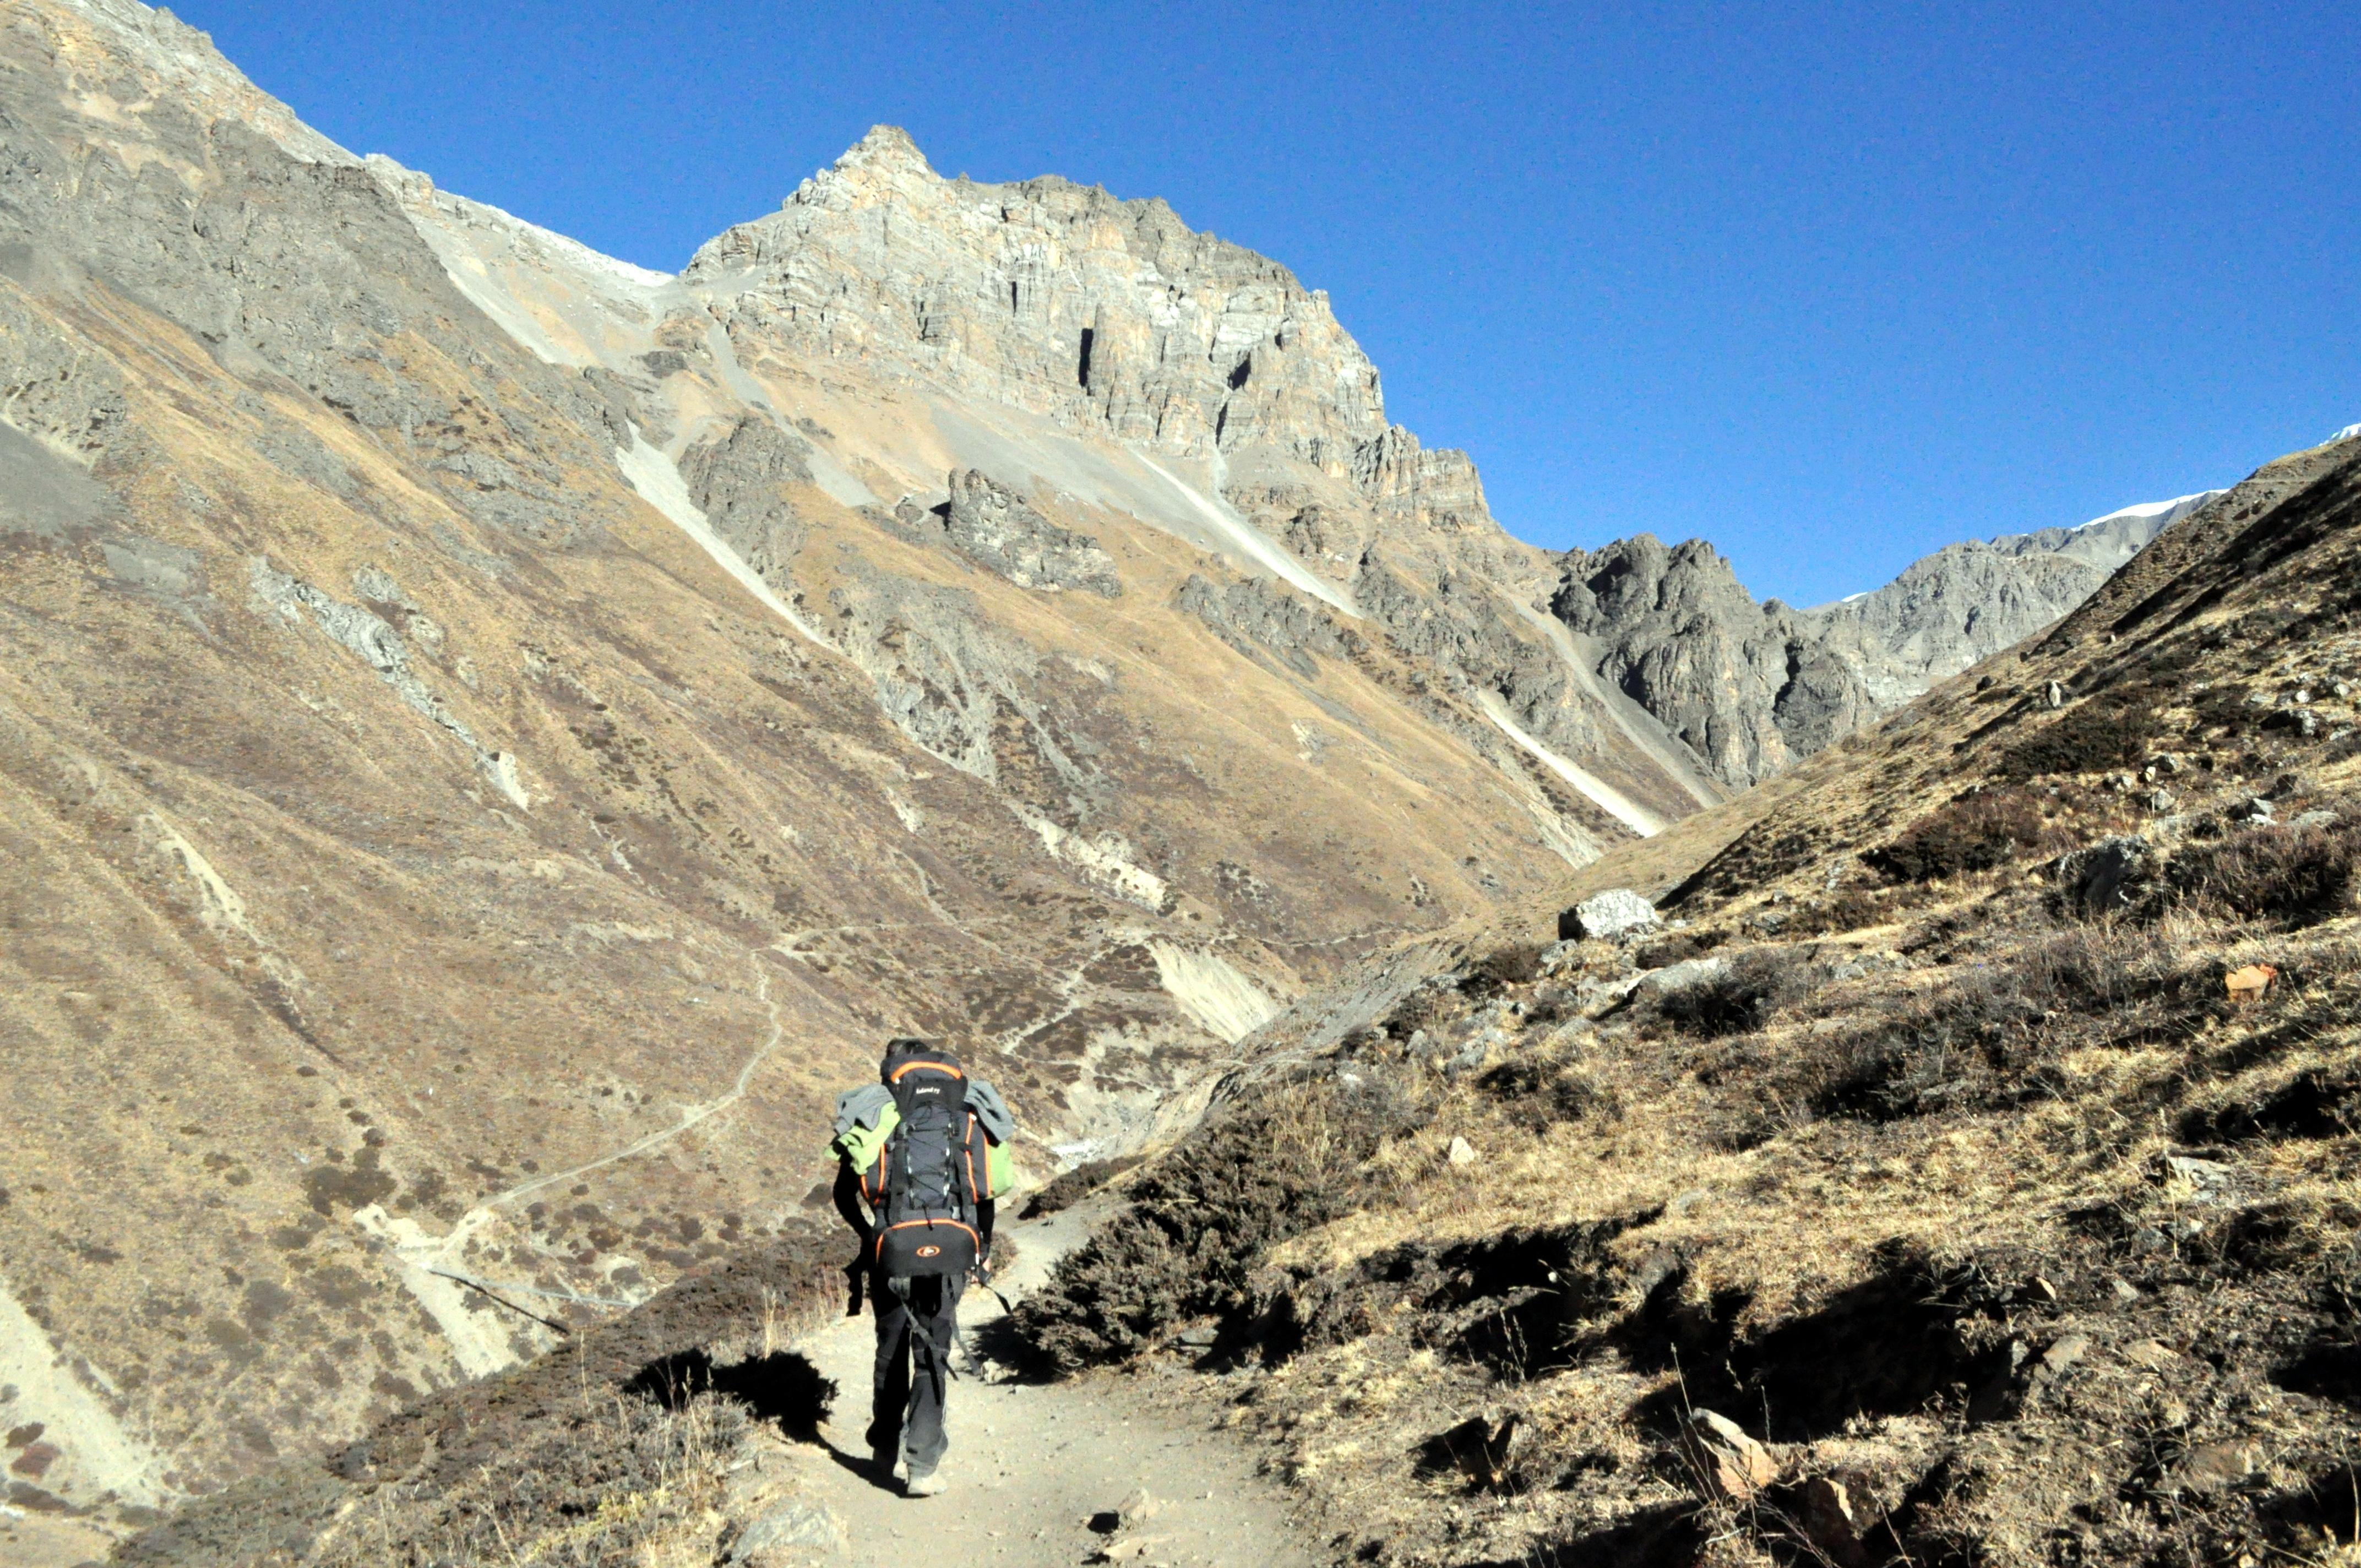 il sentiero prosegue in costa, prima su un lato poi sull'altro della valle